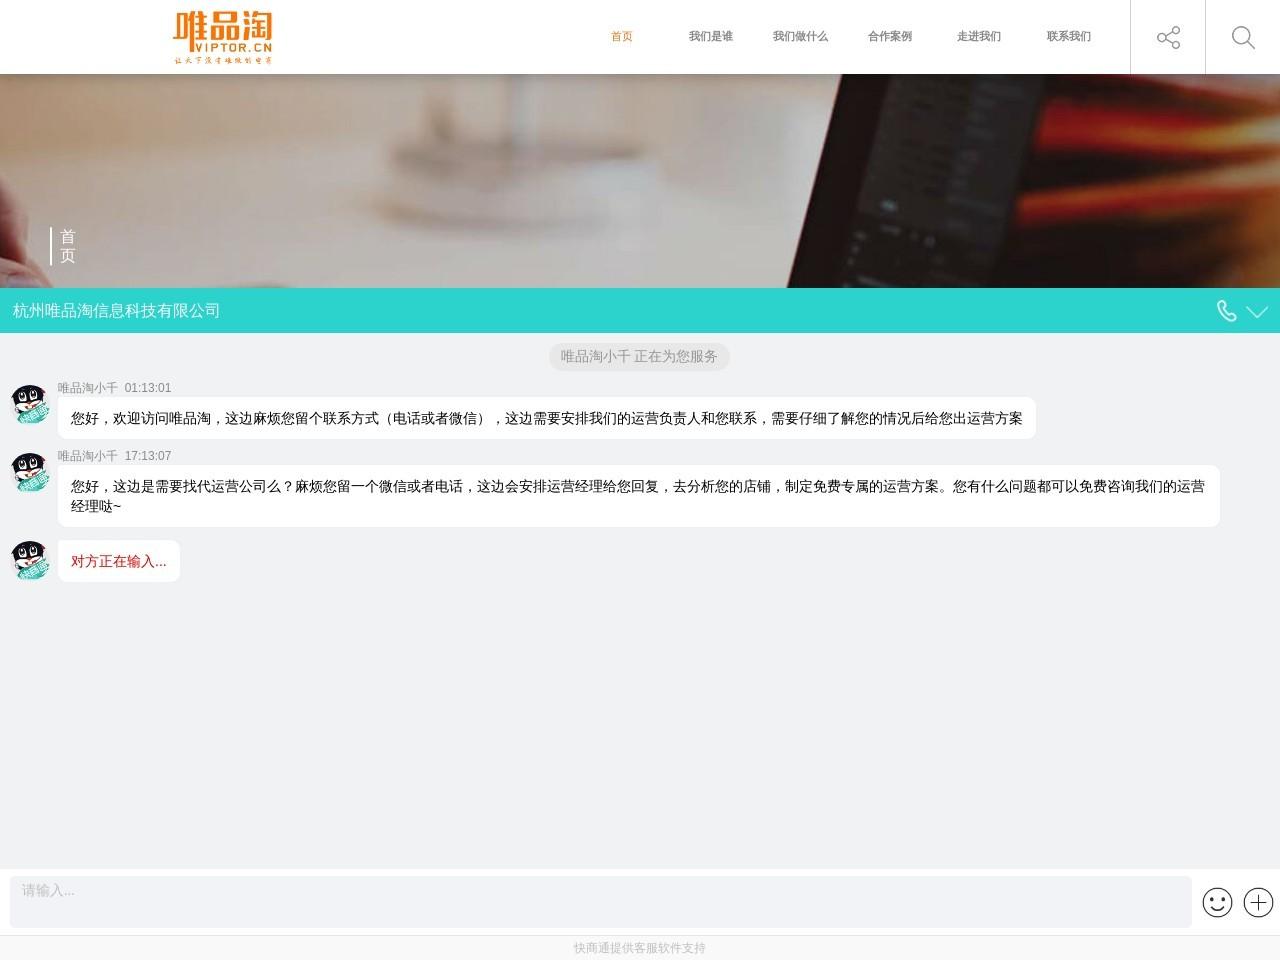 唯品淘_专业电商代运营公司